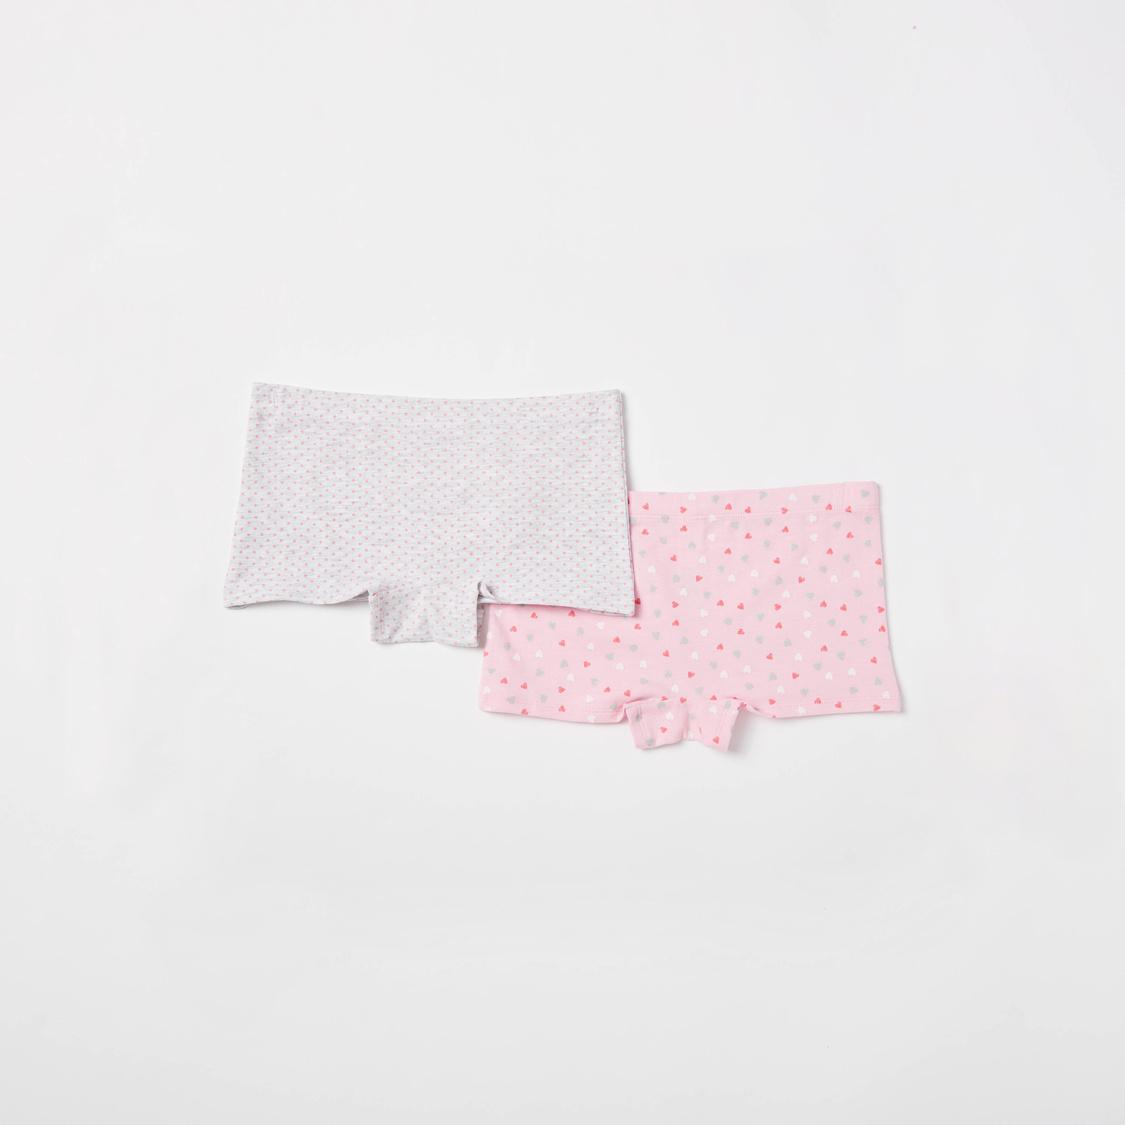 سراويل داخلية بخصر مطاطي وطبعات - مجموعة من قطعتين